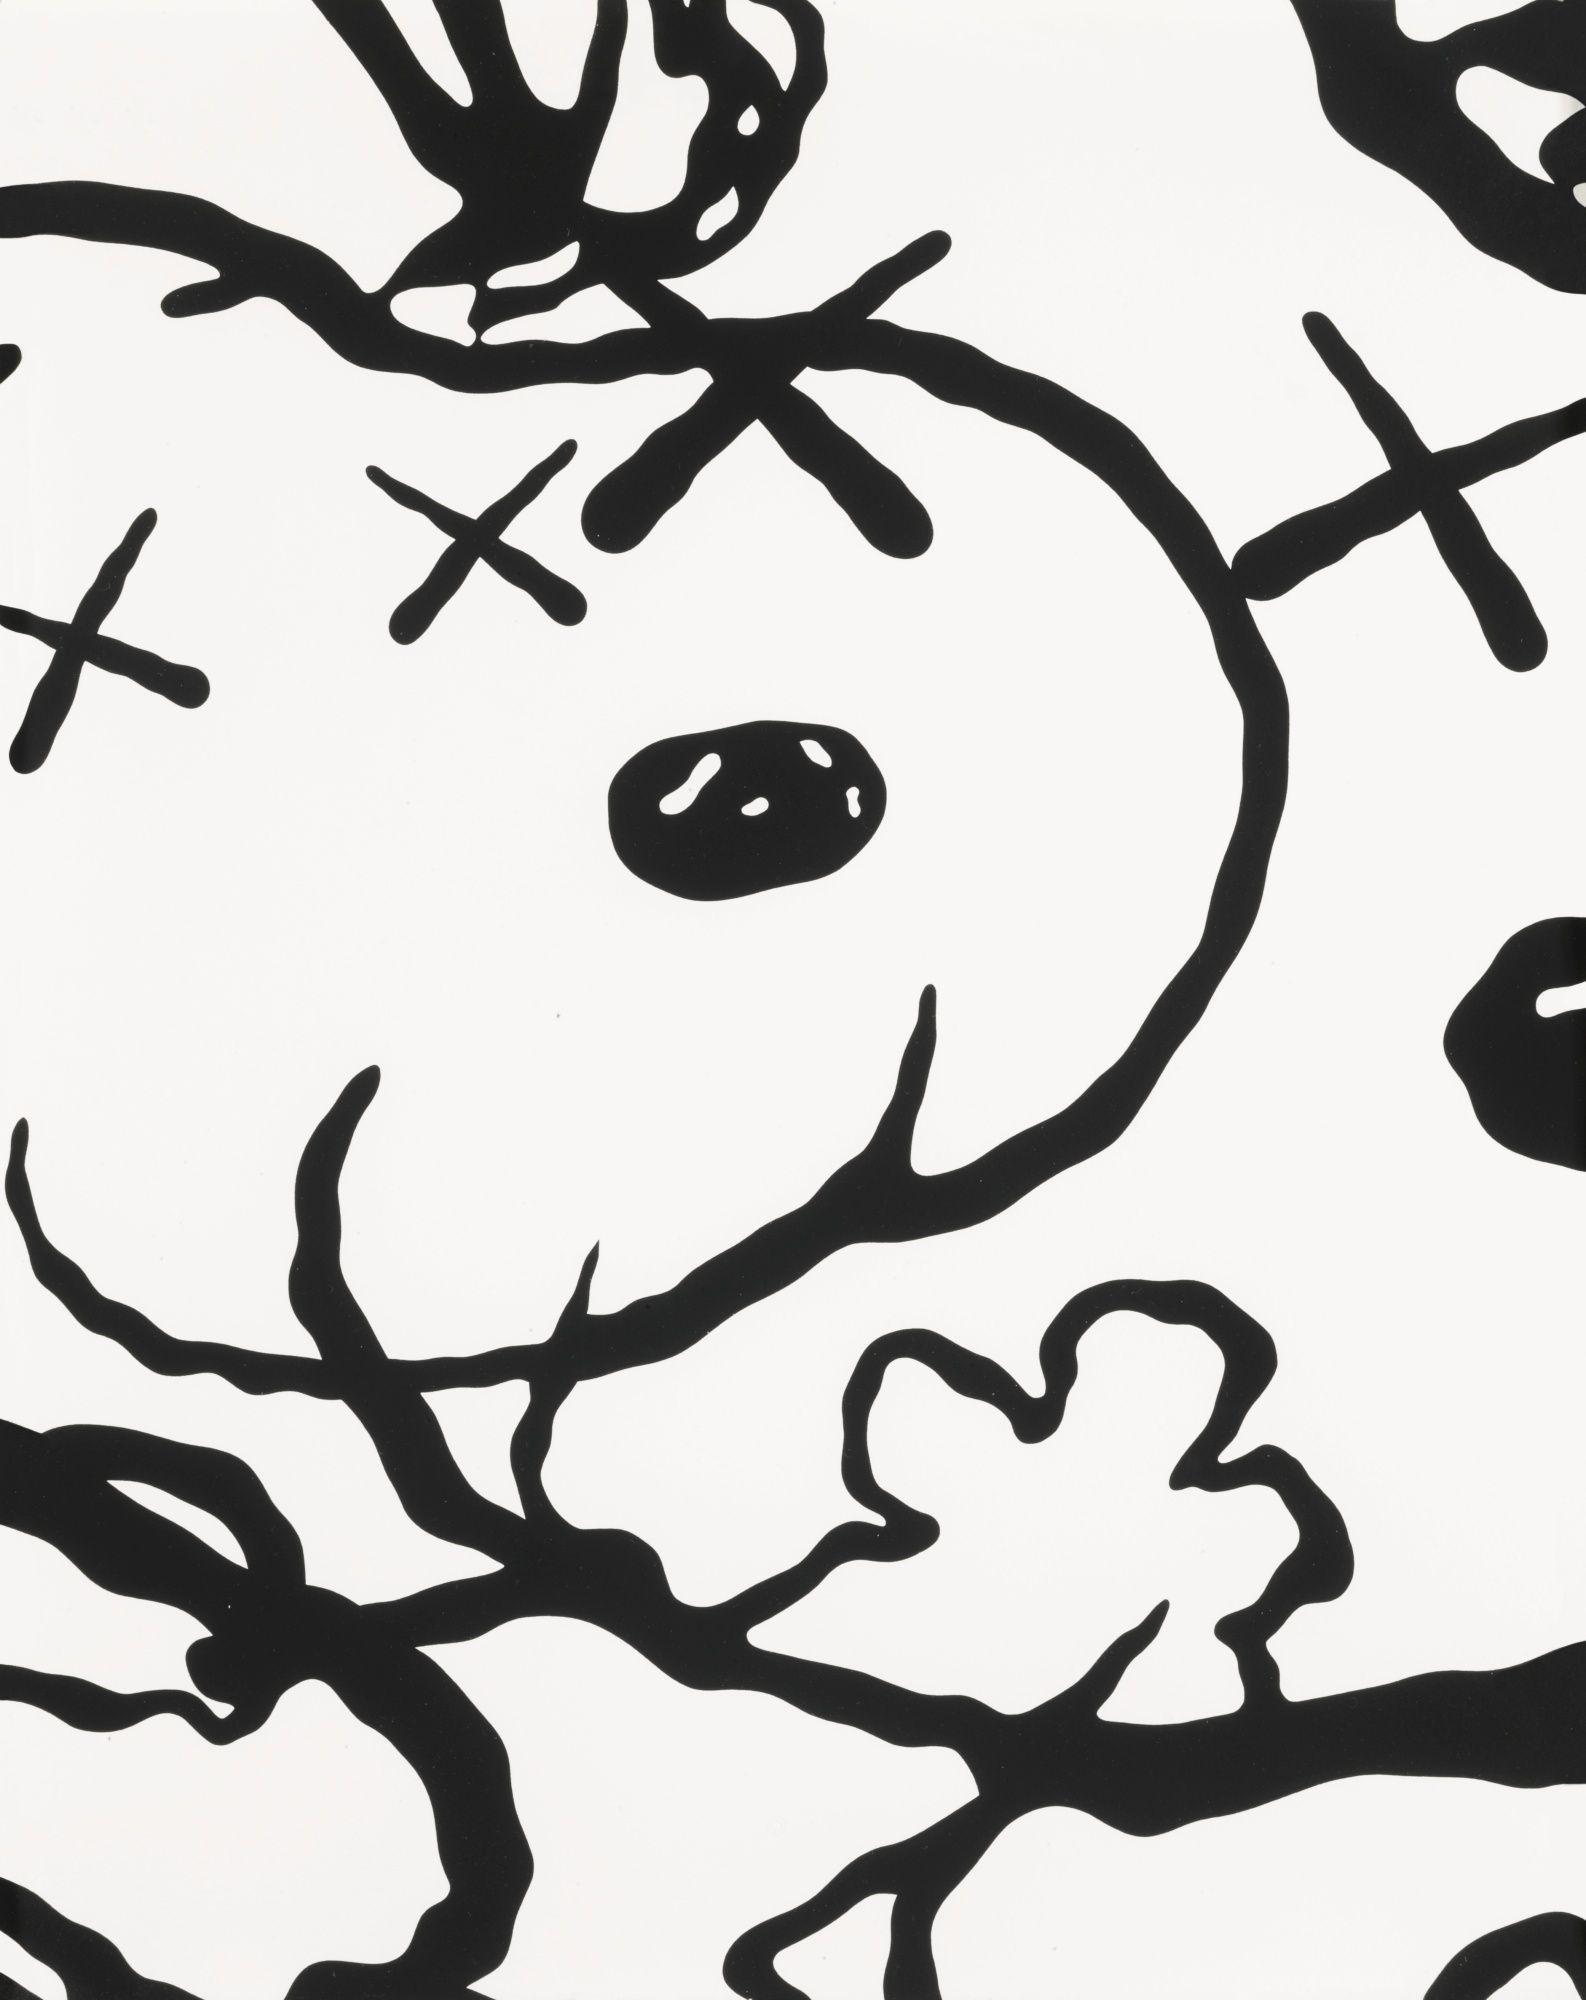 Download Kaws Wallpaper Snoopy Kaws wallpaper, Snoopy